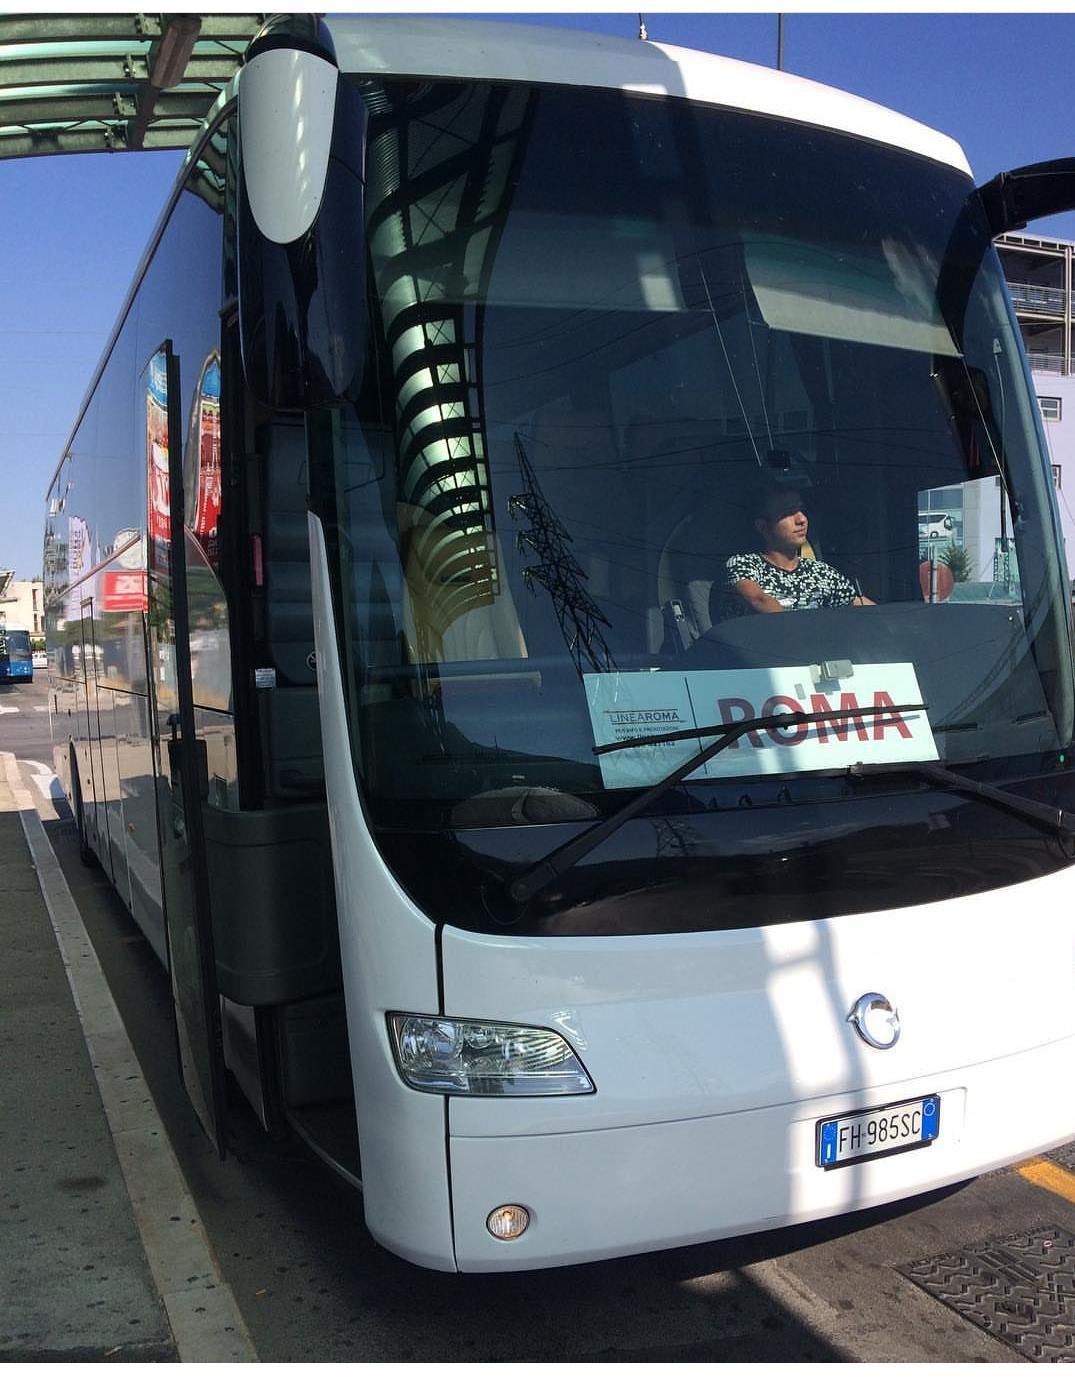 Trasporti, dalla Marsica la solidarietà e l'impegno per i lavoratori